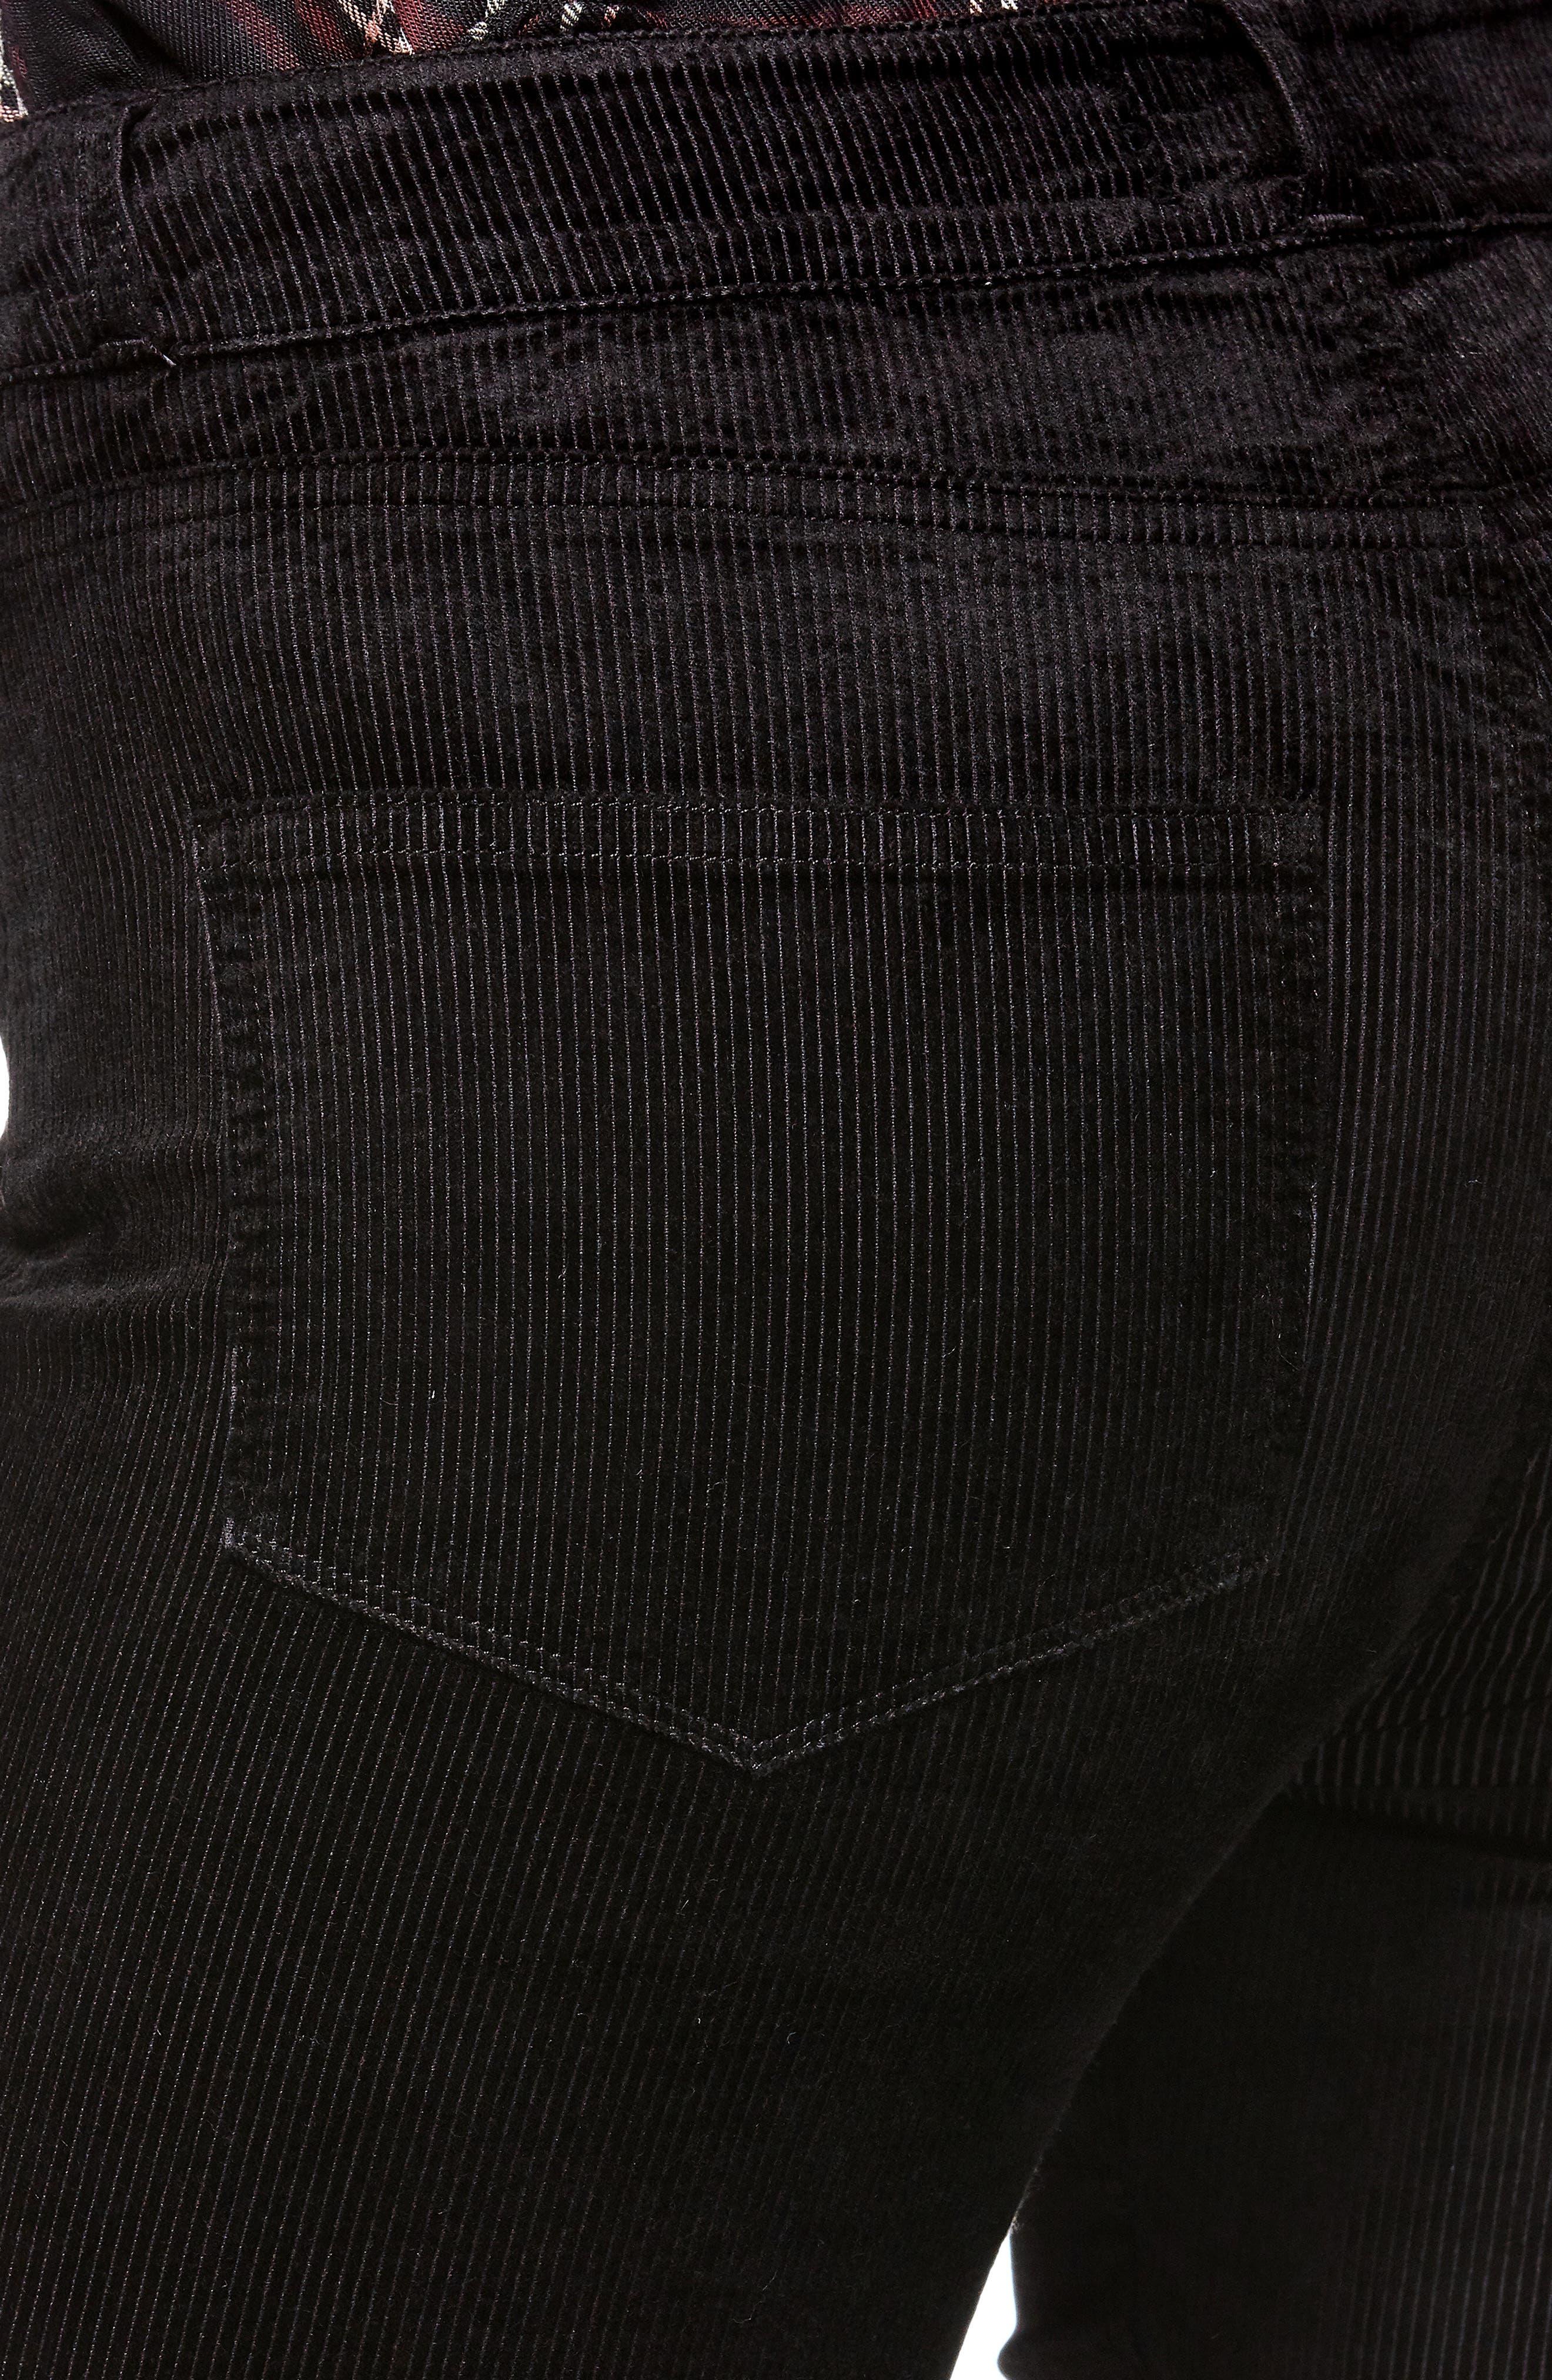 Transcend - Hoxton High Waist Ultra Skinny Jeans,                             Alternate thumbnail 4, color,                             BLACK VELVET CORD